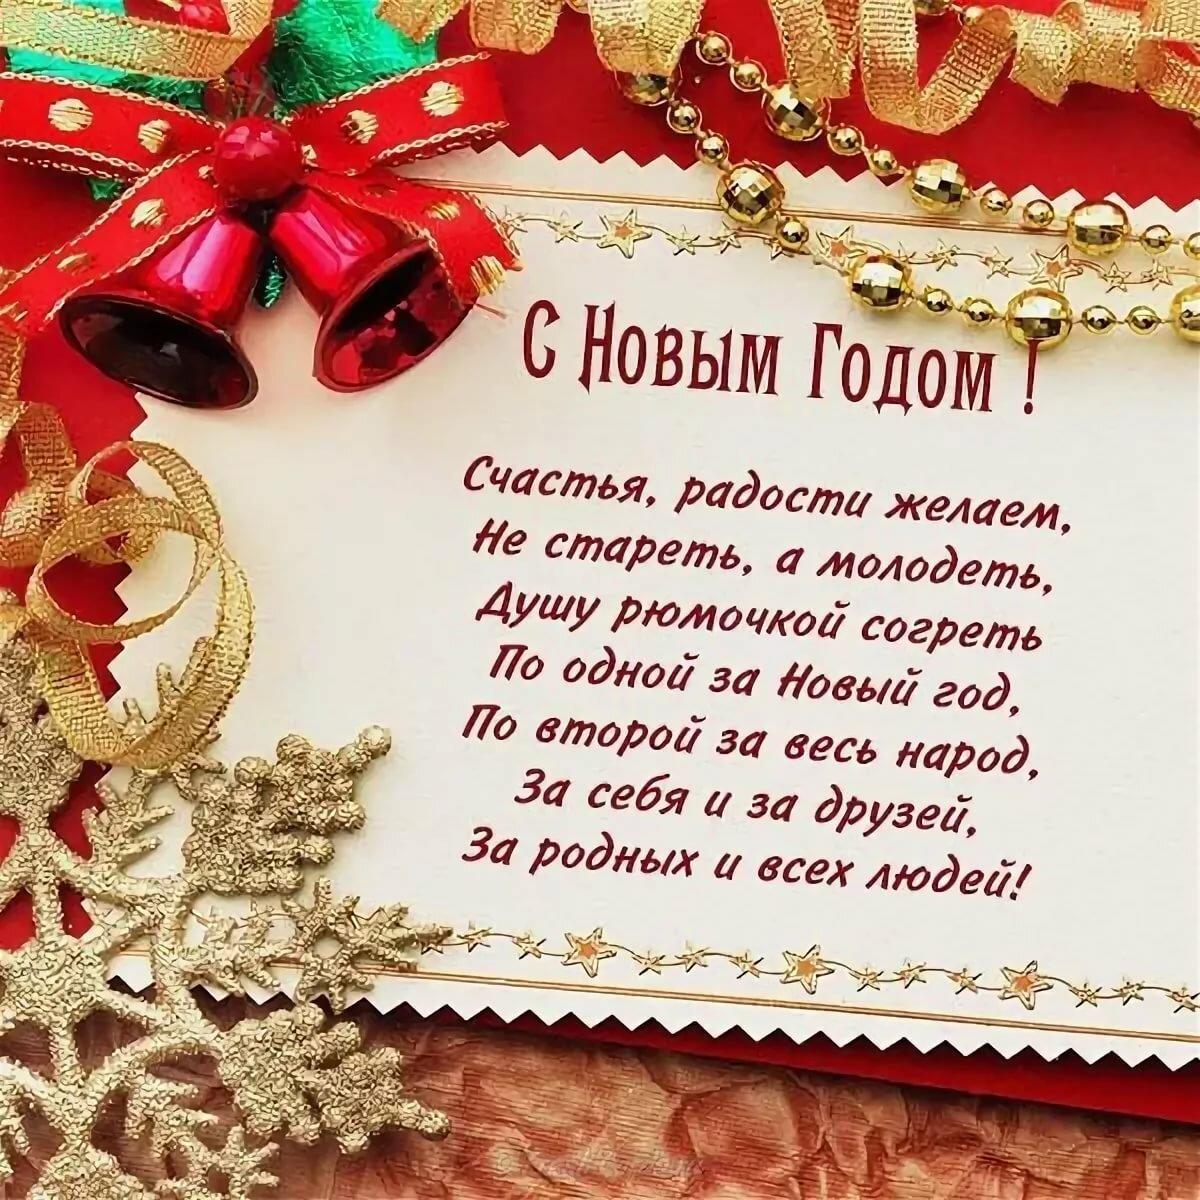 Стихи в открытки к новому году, составить слова